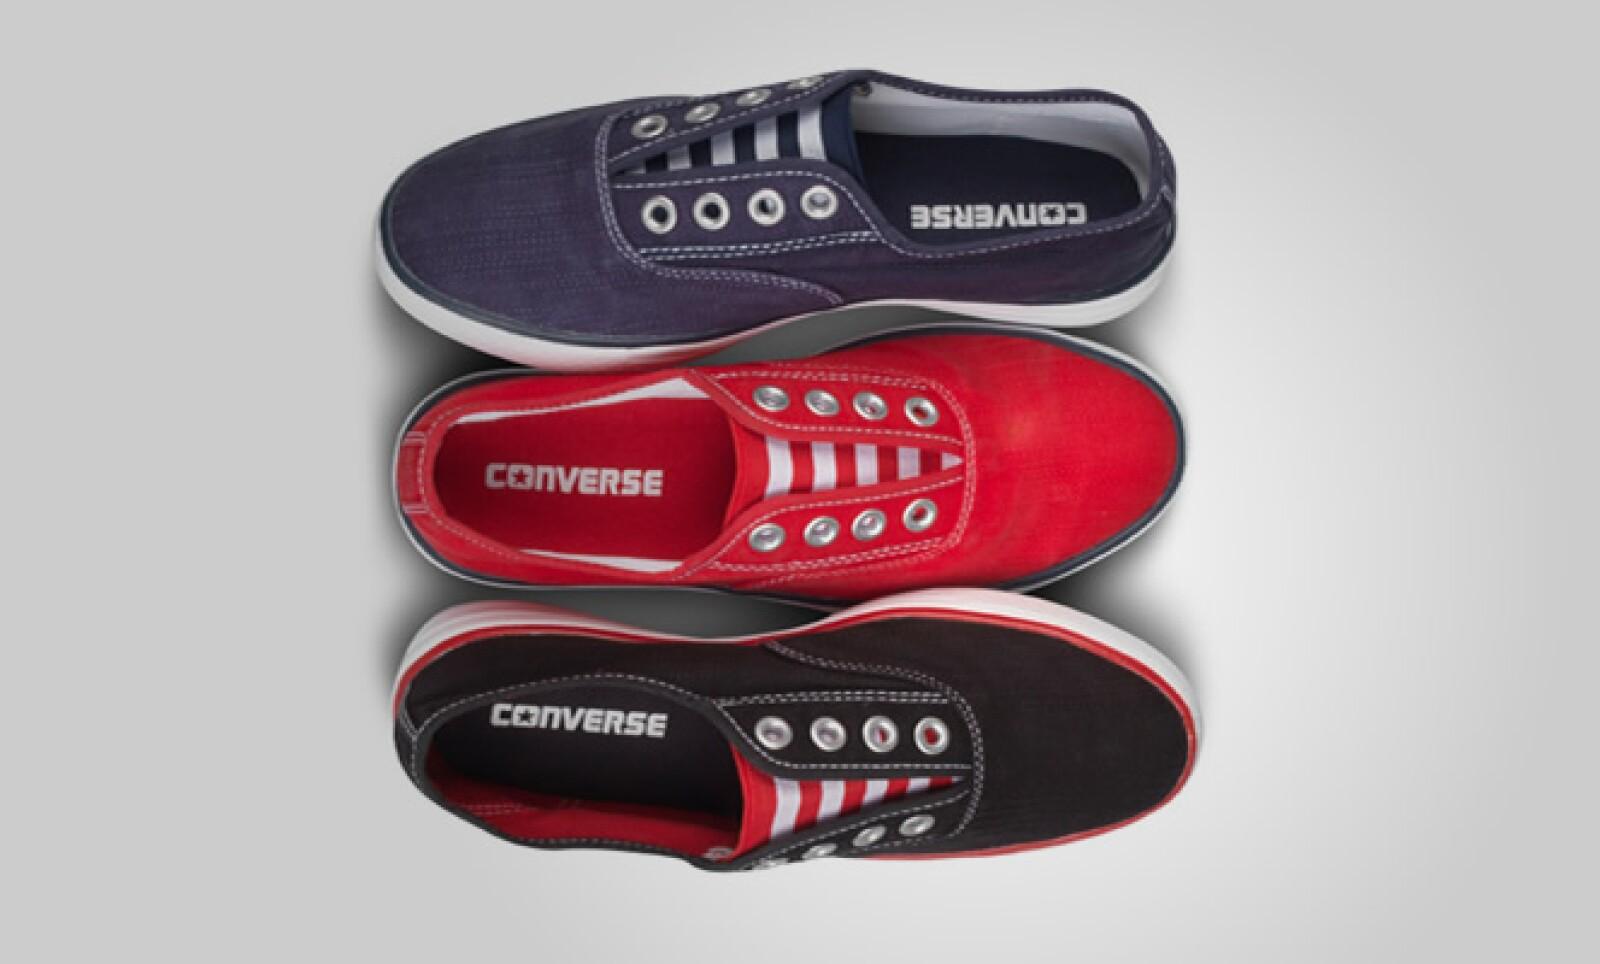 Esta opción para chicas es ideal para tener un calzado cómodo sin comprometer el estilo.